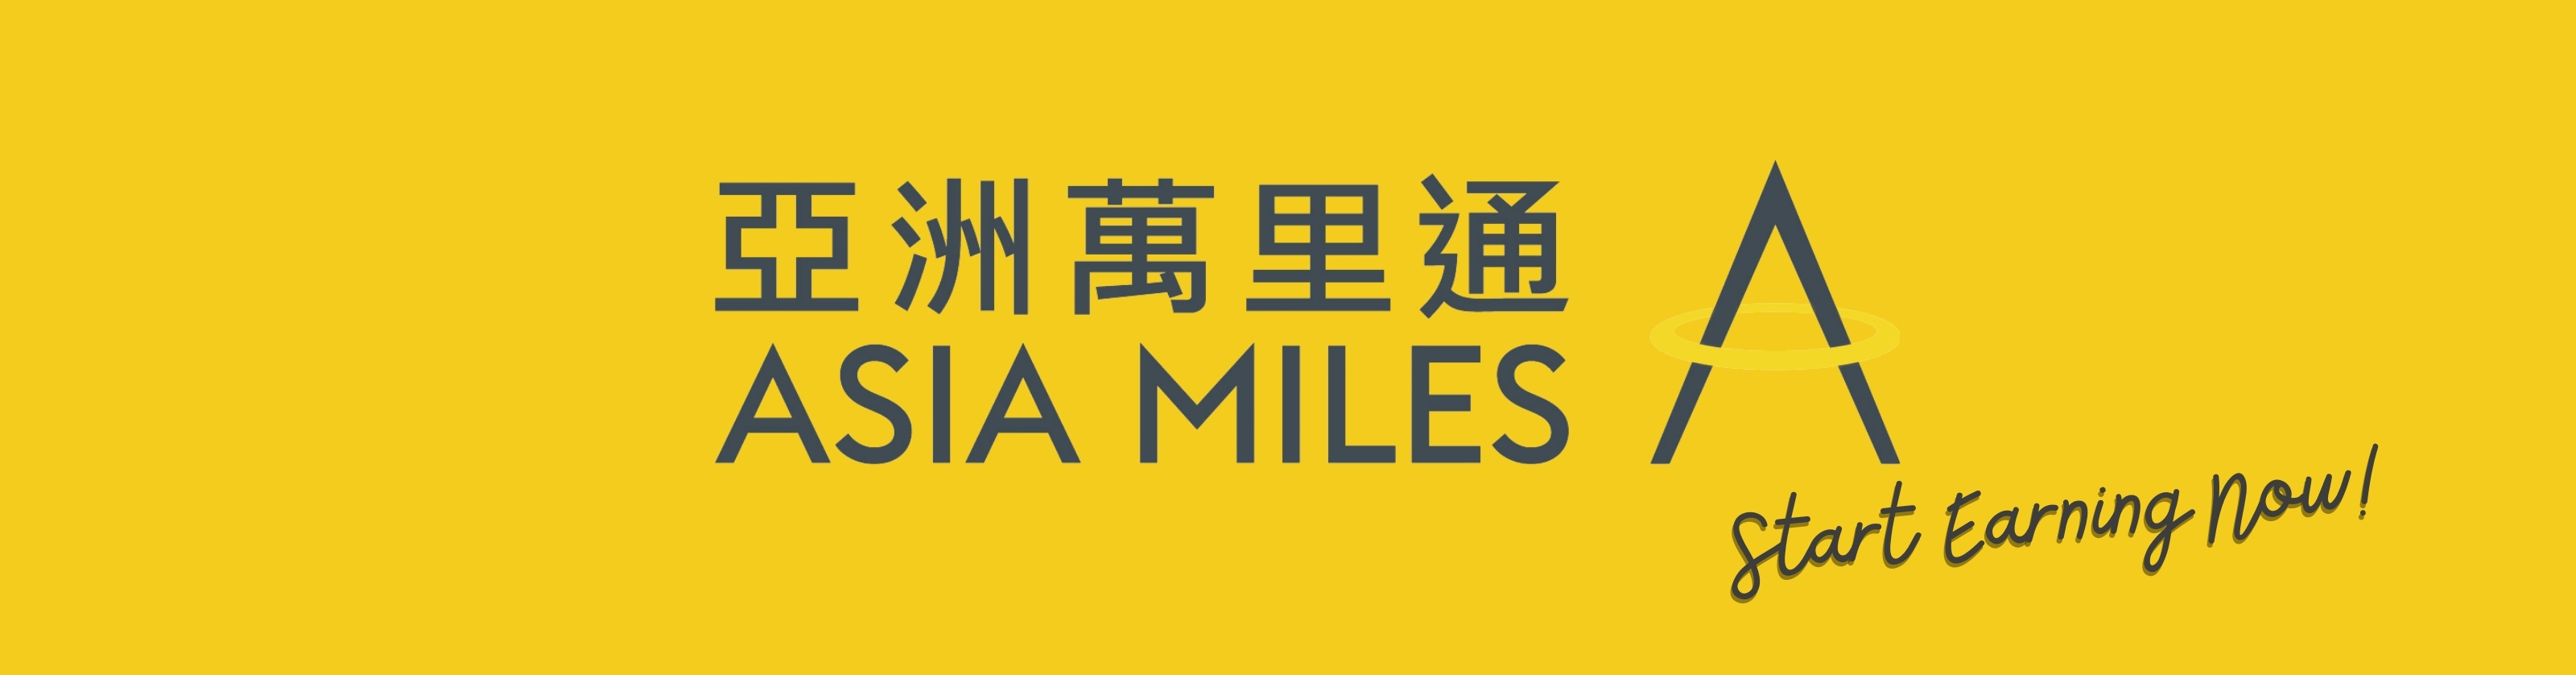 Asia Miles-2